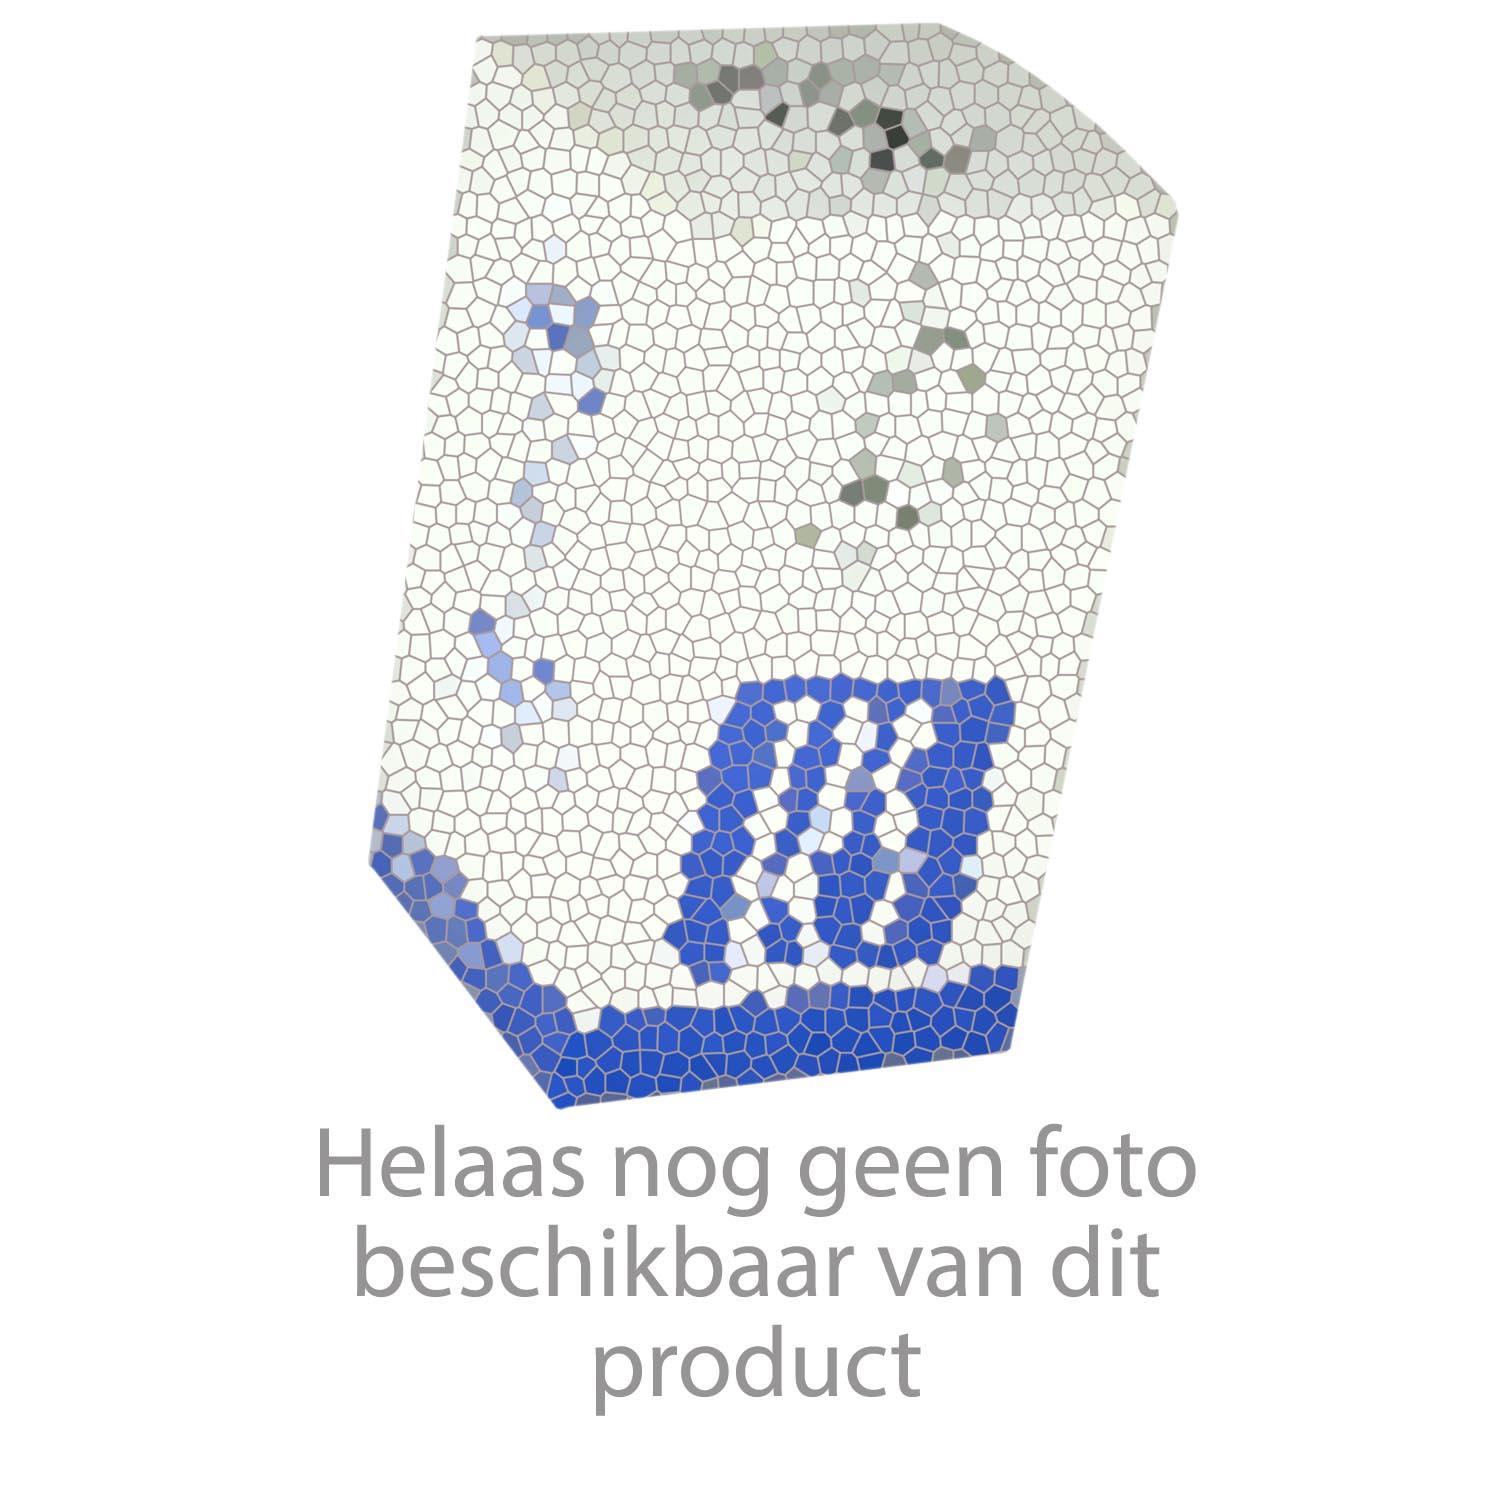 HansGrohe Afvoer- en overloopgarnituren Wastegarnituur productiejaar > 05/92 50101 onderdelen